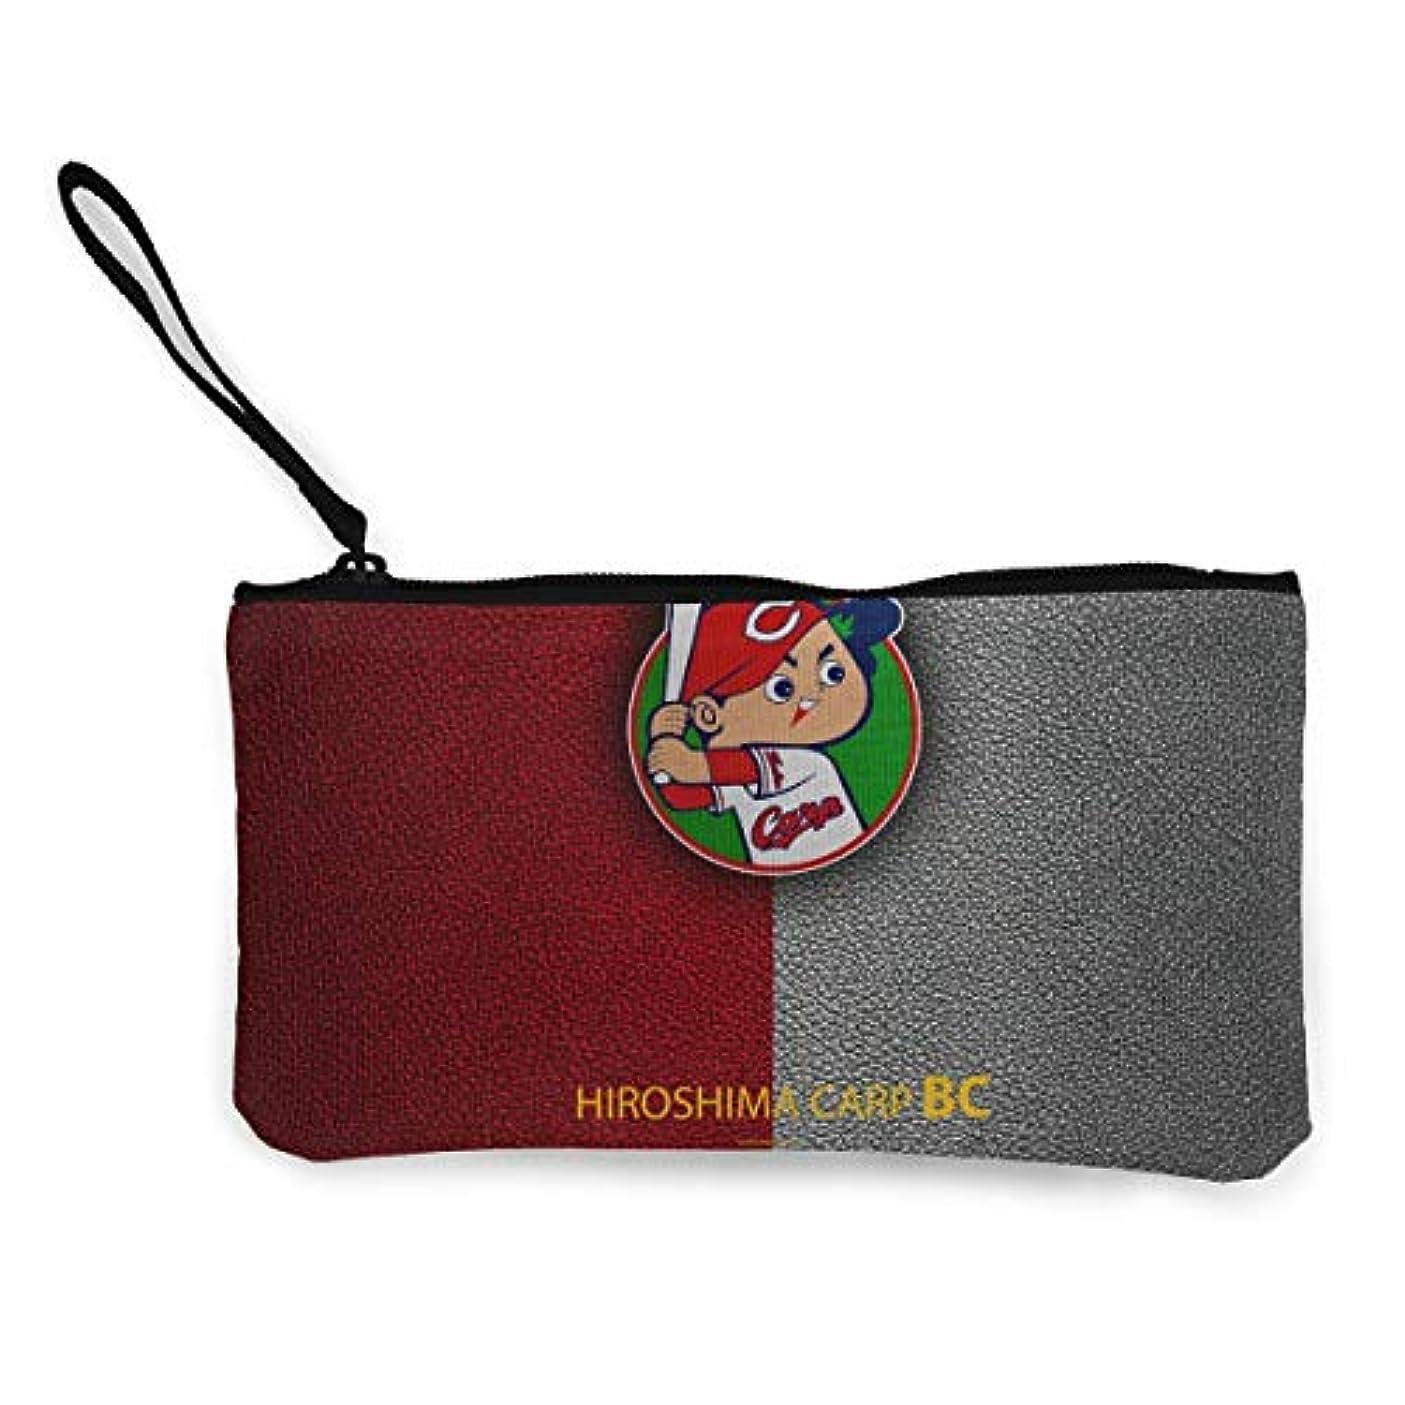 編集者喜び主に広島東洋カープ 小銭入れ ワレット 財布 キャンバス ジッパー付きハンド 大容量